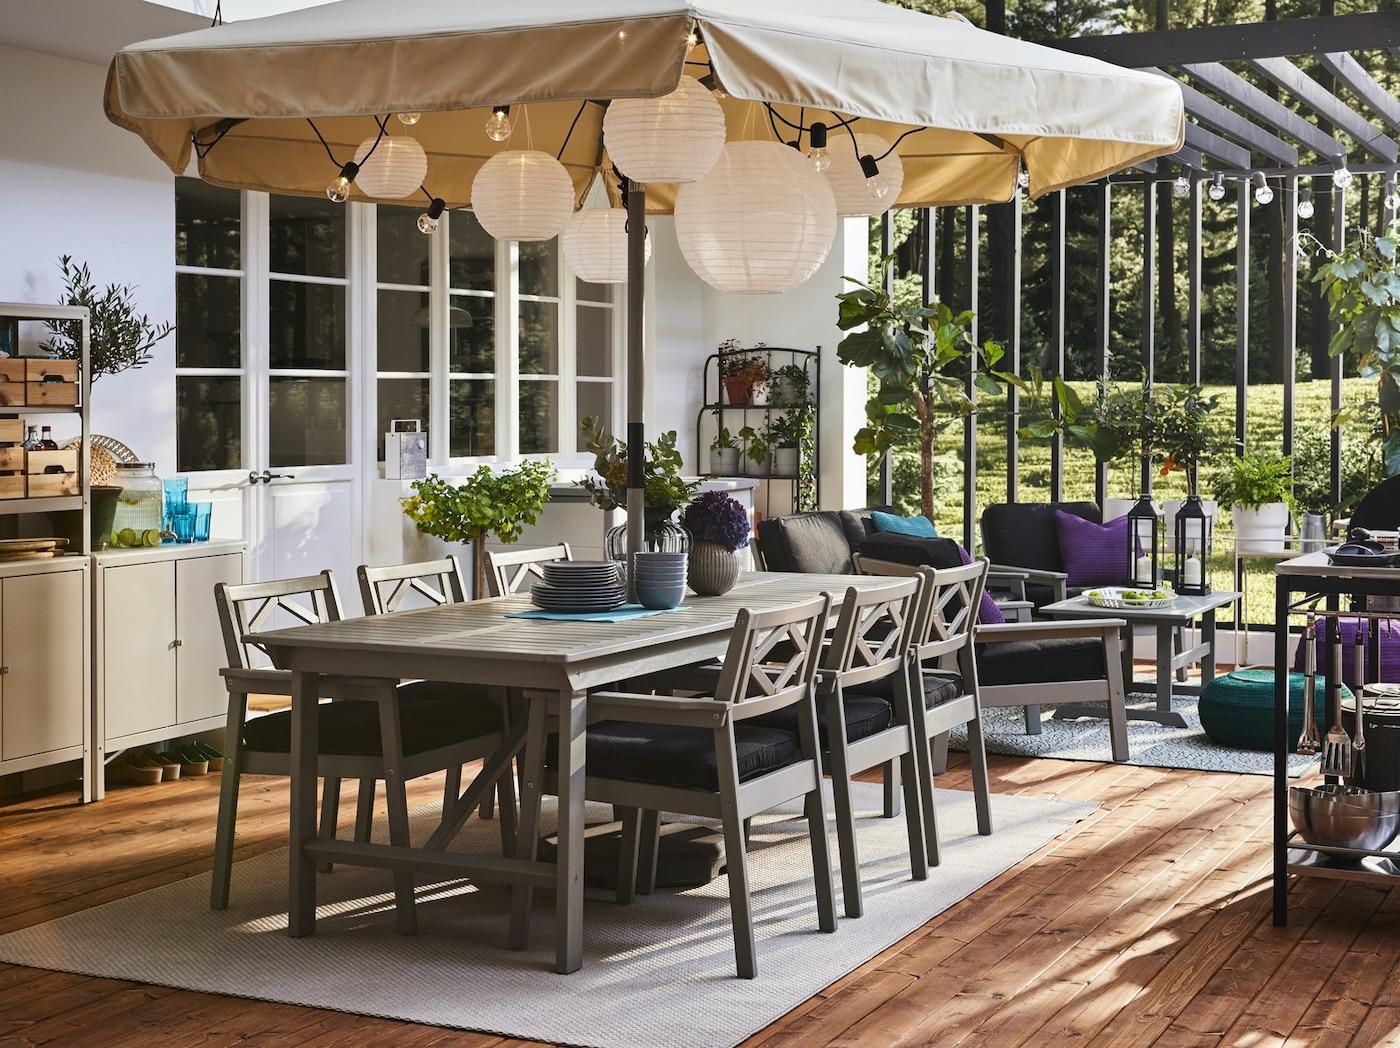 Przestronne patio z szarym stołem i krzesłami z podłokietnikami, dużym parasolem, okrągłymi lampami wiszącymi i drewnianą podłogą.